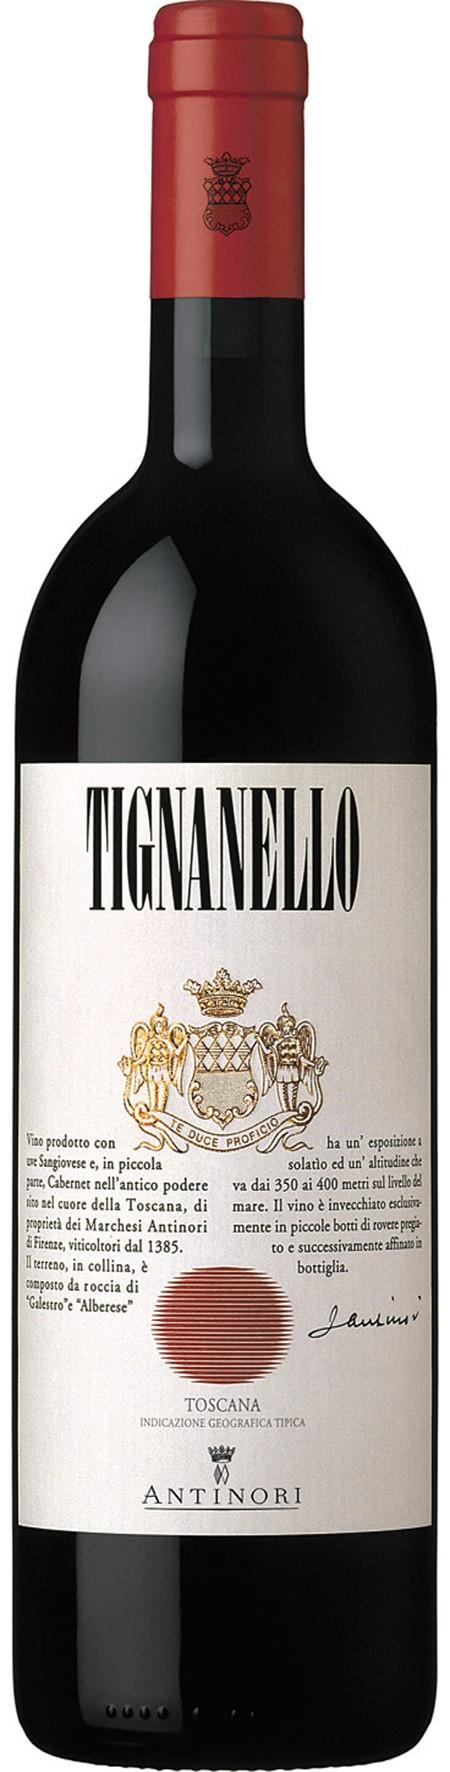 Tignanello 2014 Marchese Antinori IGT, 0,75l.